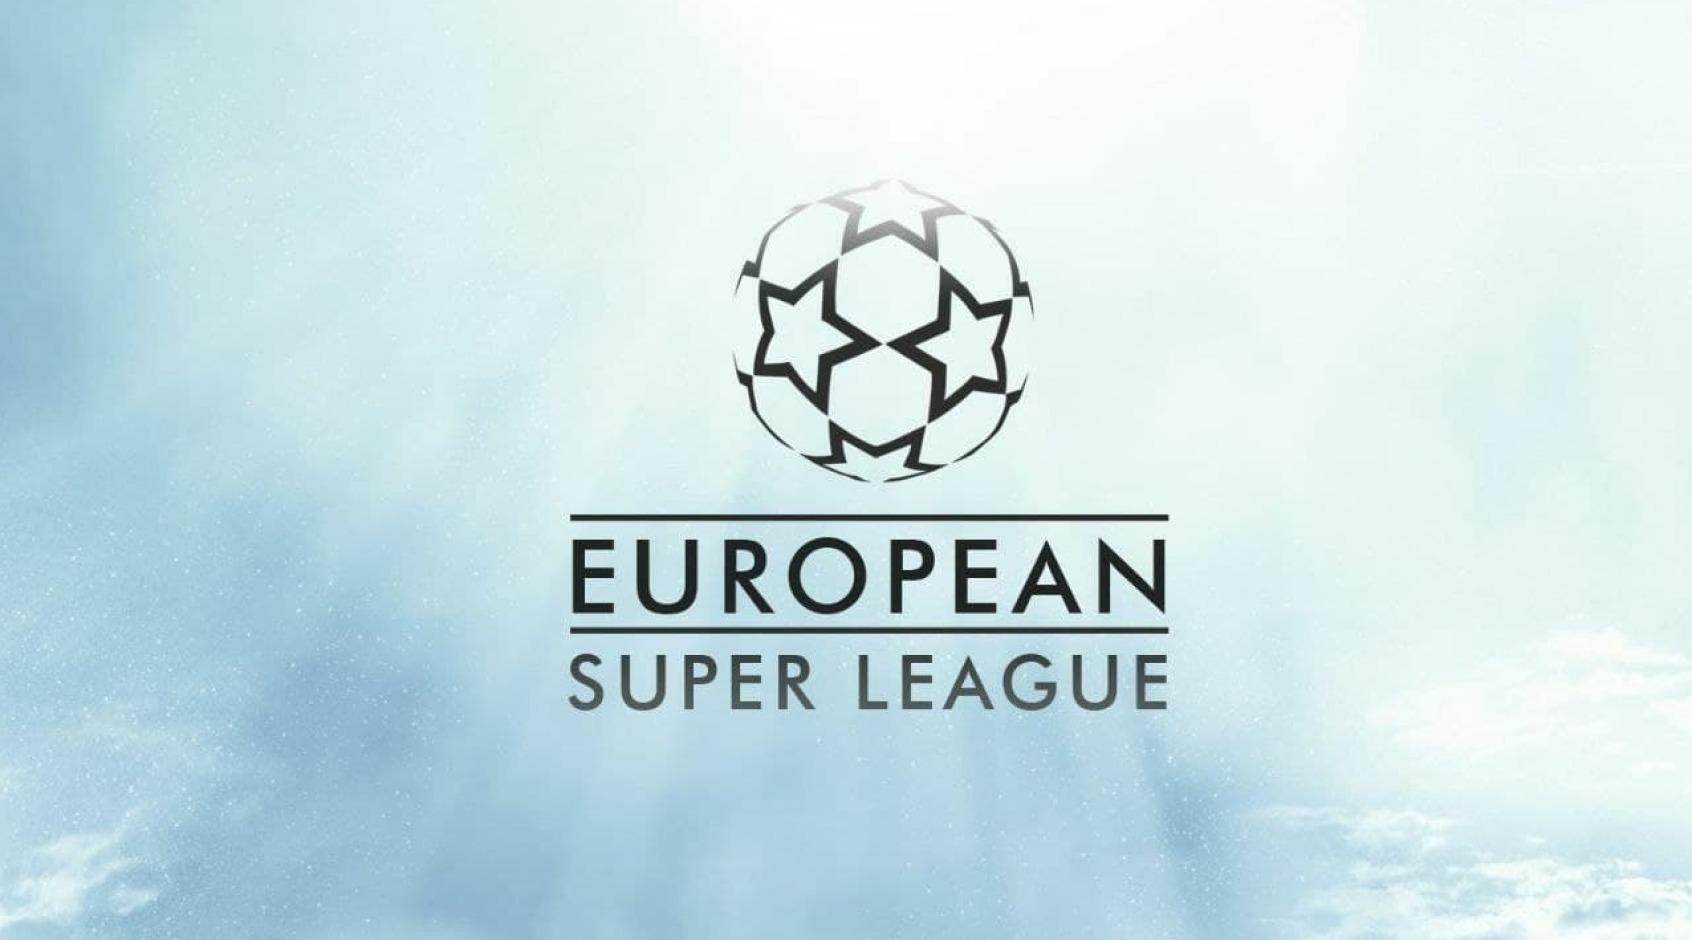 Rasman: Yevropa klublari yangi Superliga tashkil etilganini e'lon qilishdi